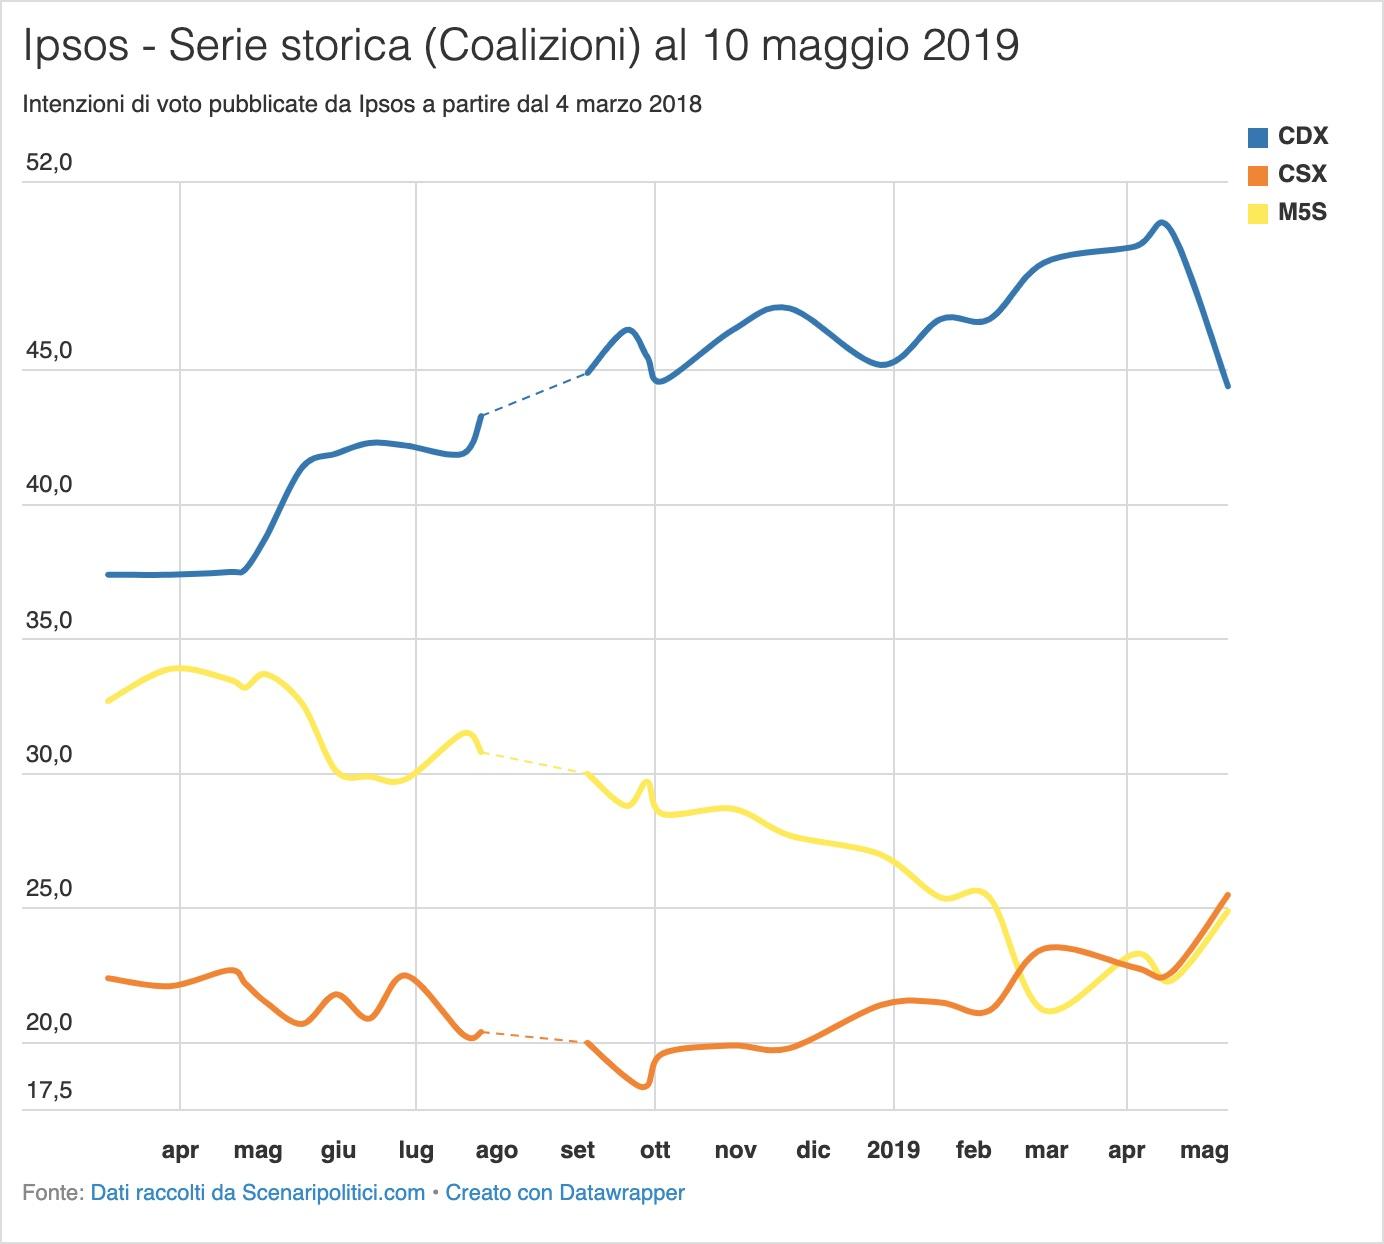 Sondaggio Ipsos 10 maggio 2019